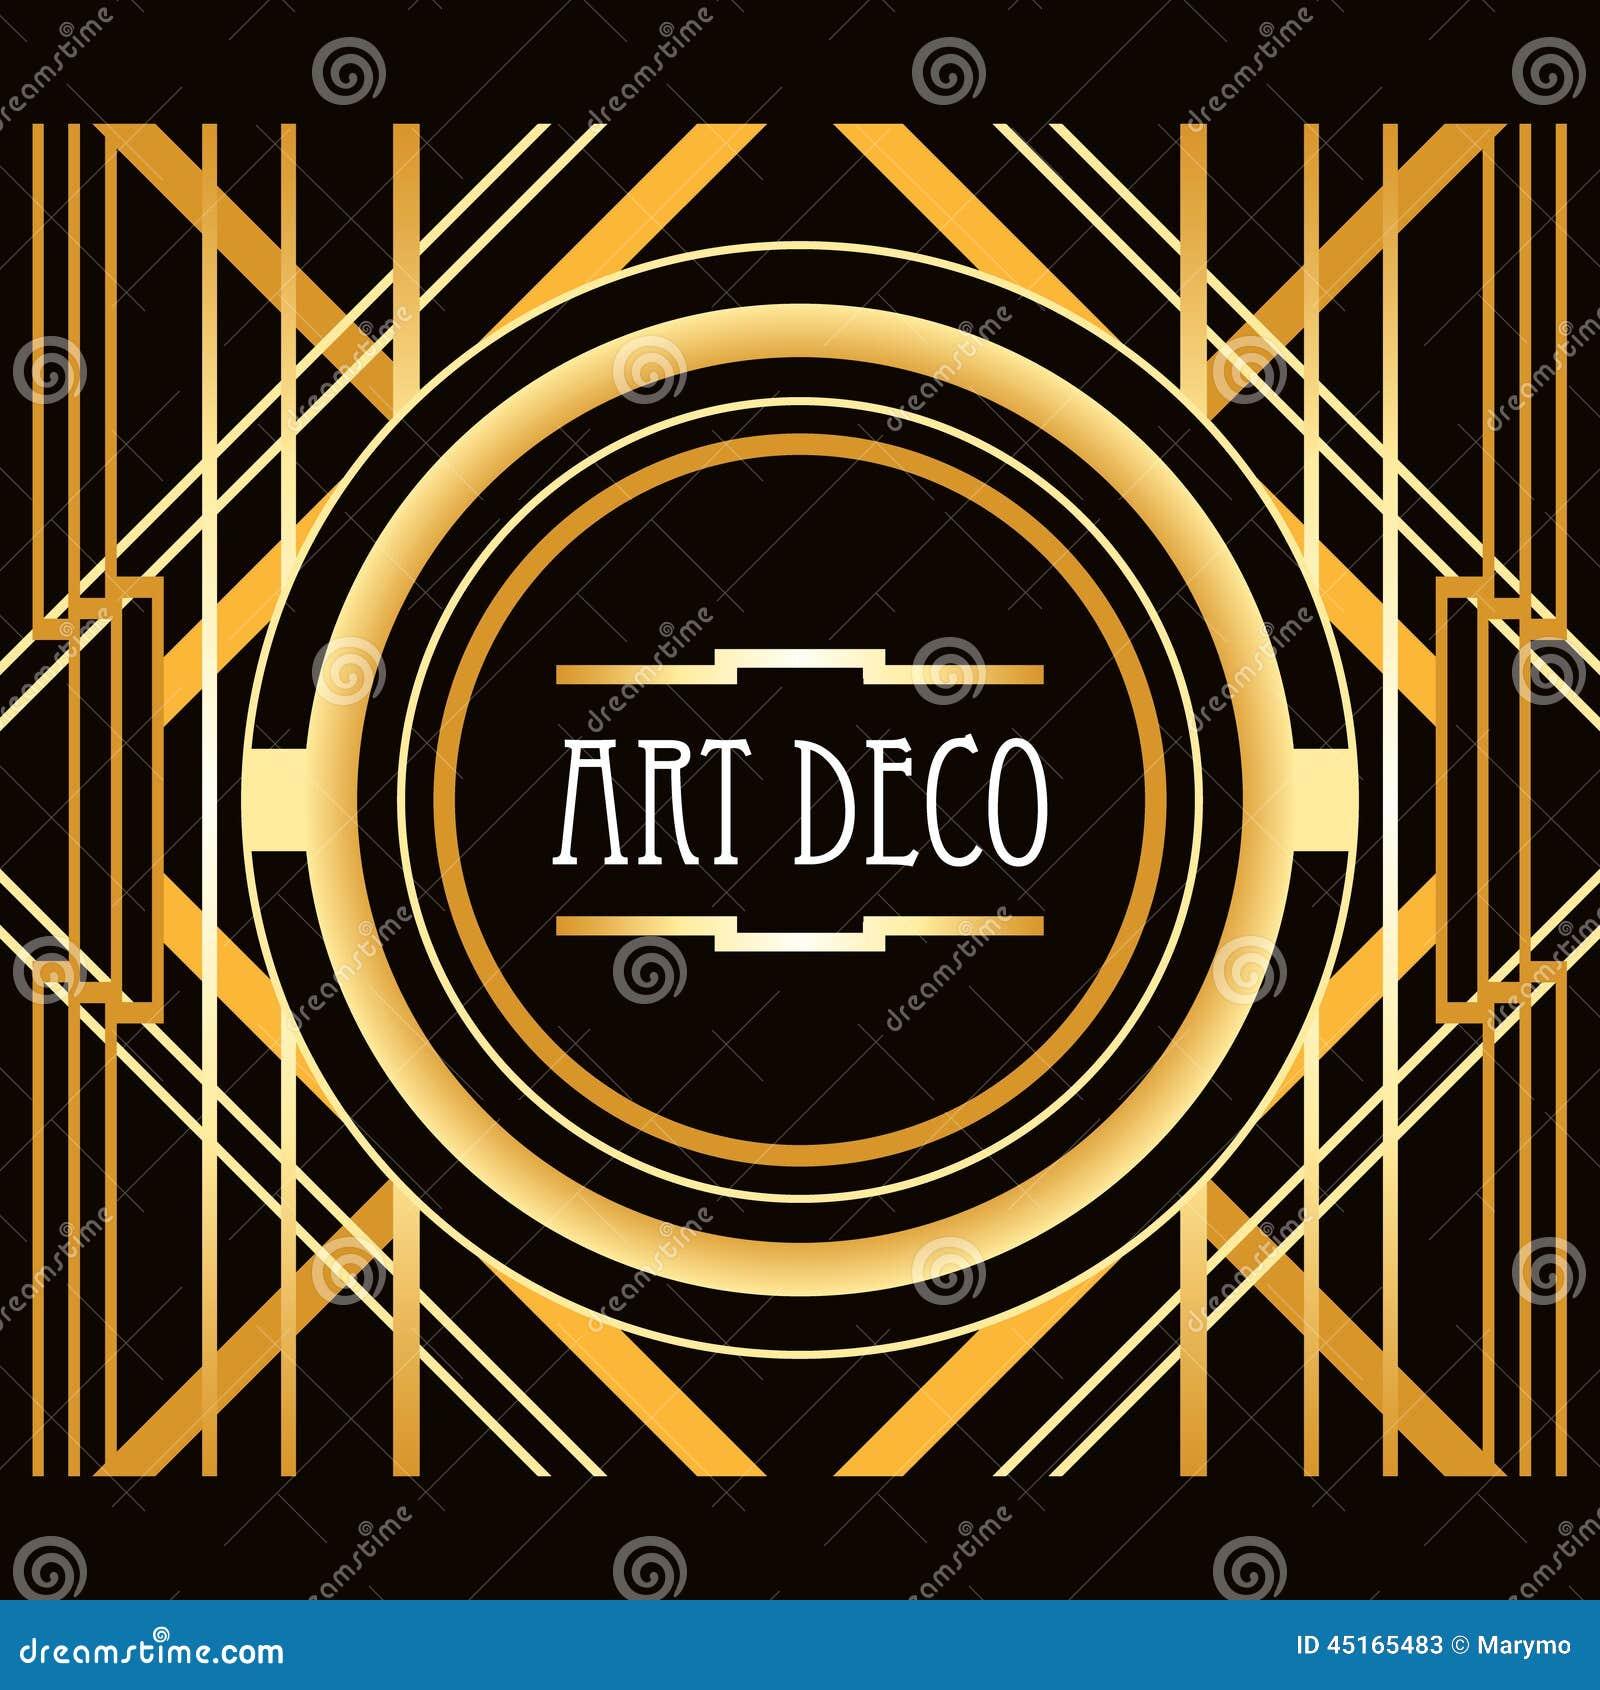 cadre g om trique d 39 abr g sur style d 39 art deco illustration de vecteur image 45165483. Black Bedroom Furniture Sets. Home Design Ideas